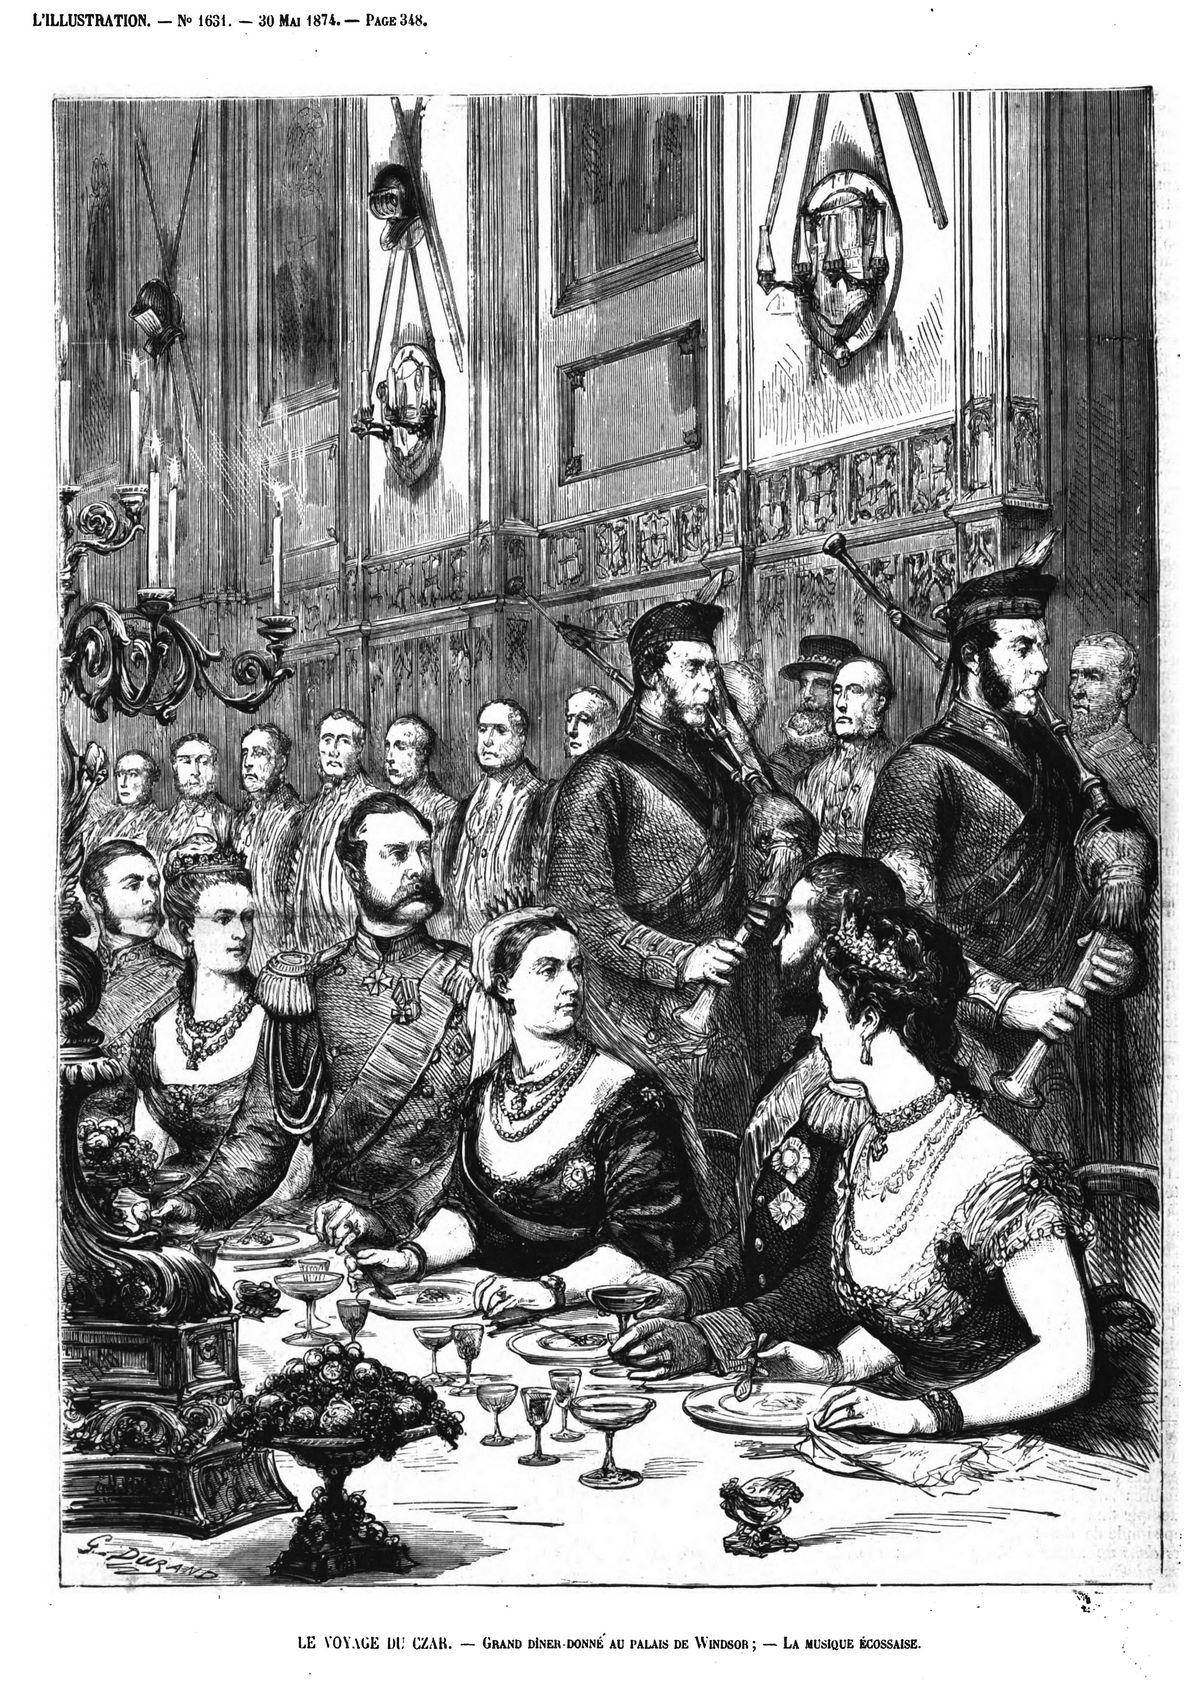 Le Voyage du czar : grand dinner donné au palais de Windsor; la musique écossaise. (gravure 1874)